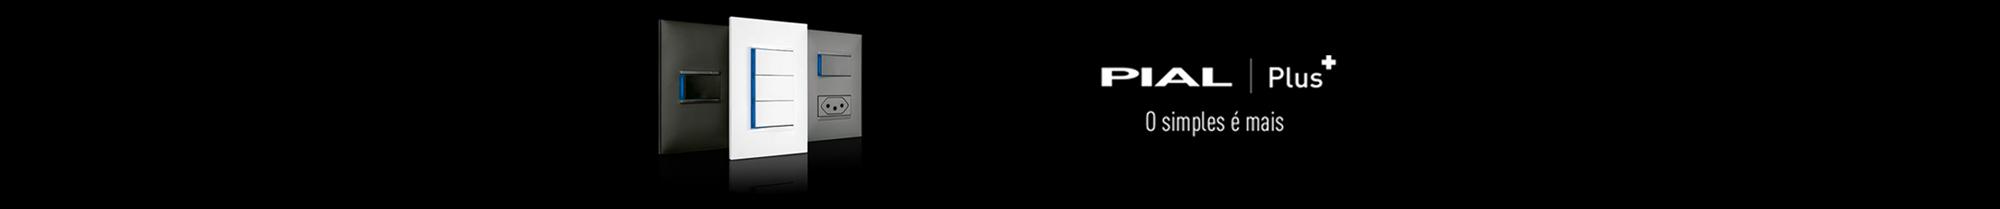 Banner PIAL PlusMais